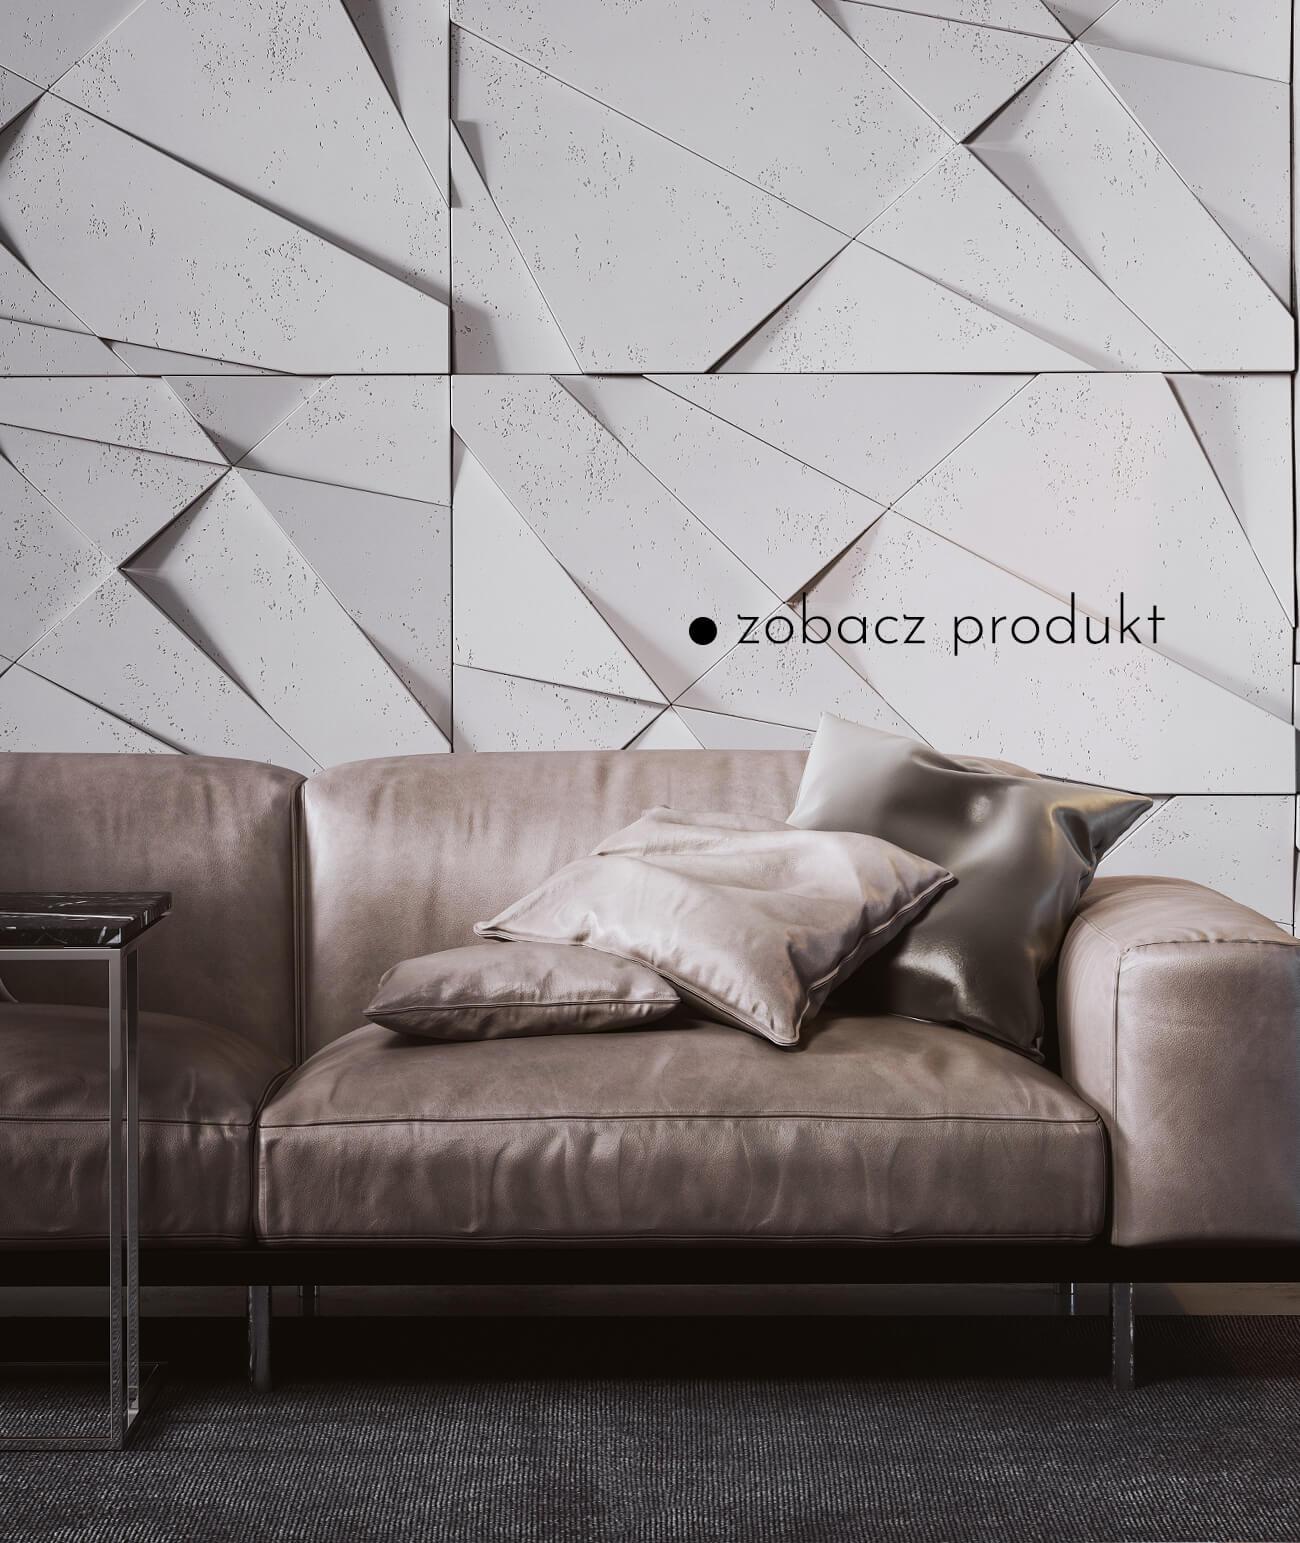 panele-betonowe-3d-scienne-i-elewacyjne-beton-architektoniczny_320-1642-pb05-b0-bialy-krysztal---panel-dekor-3d-beton-architektoniczny-panel-scienny